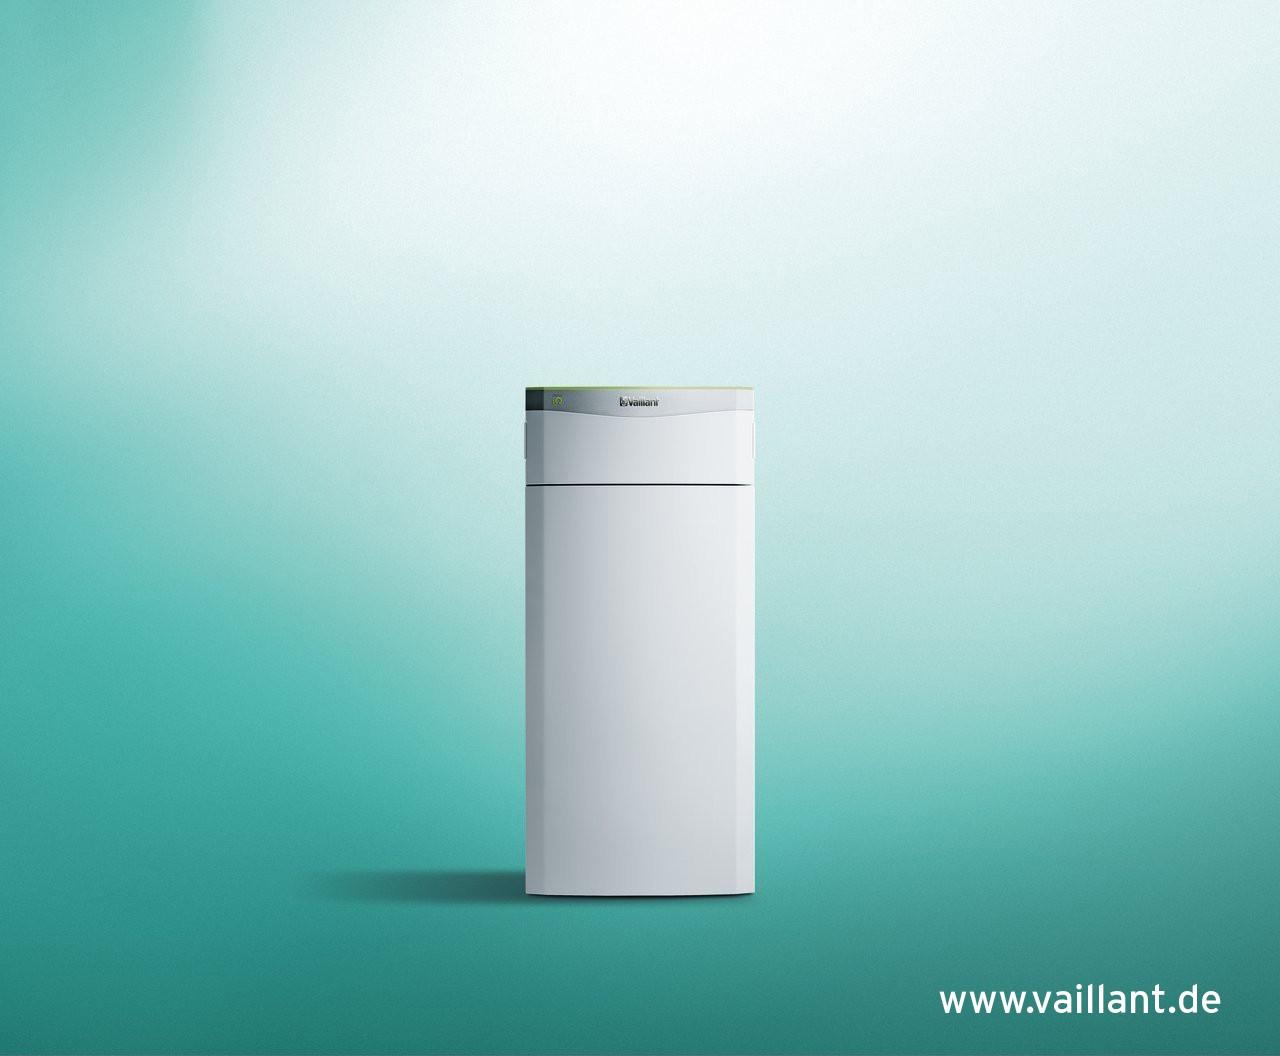 Vaillant VAILLANT Set 4.51 flexoTHERM VWF 57 /4 mit fluoCOLLECT Wasser/Wasser